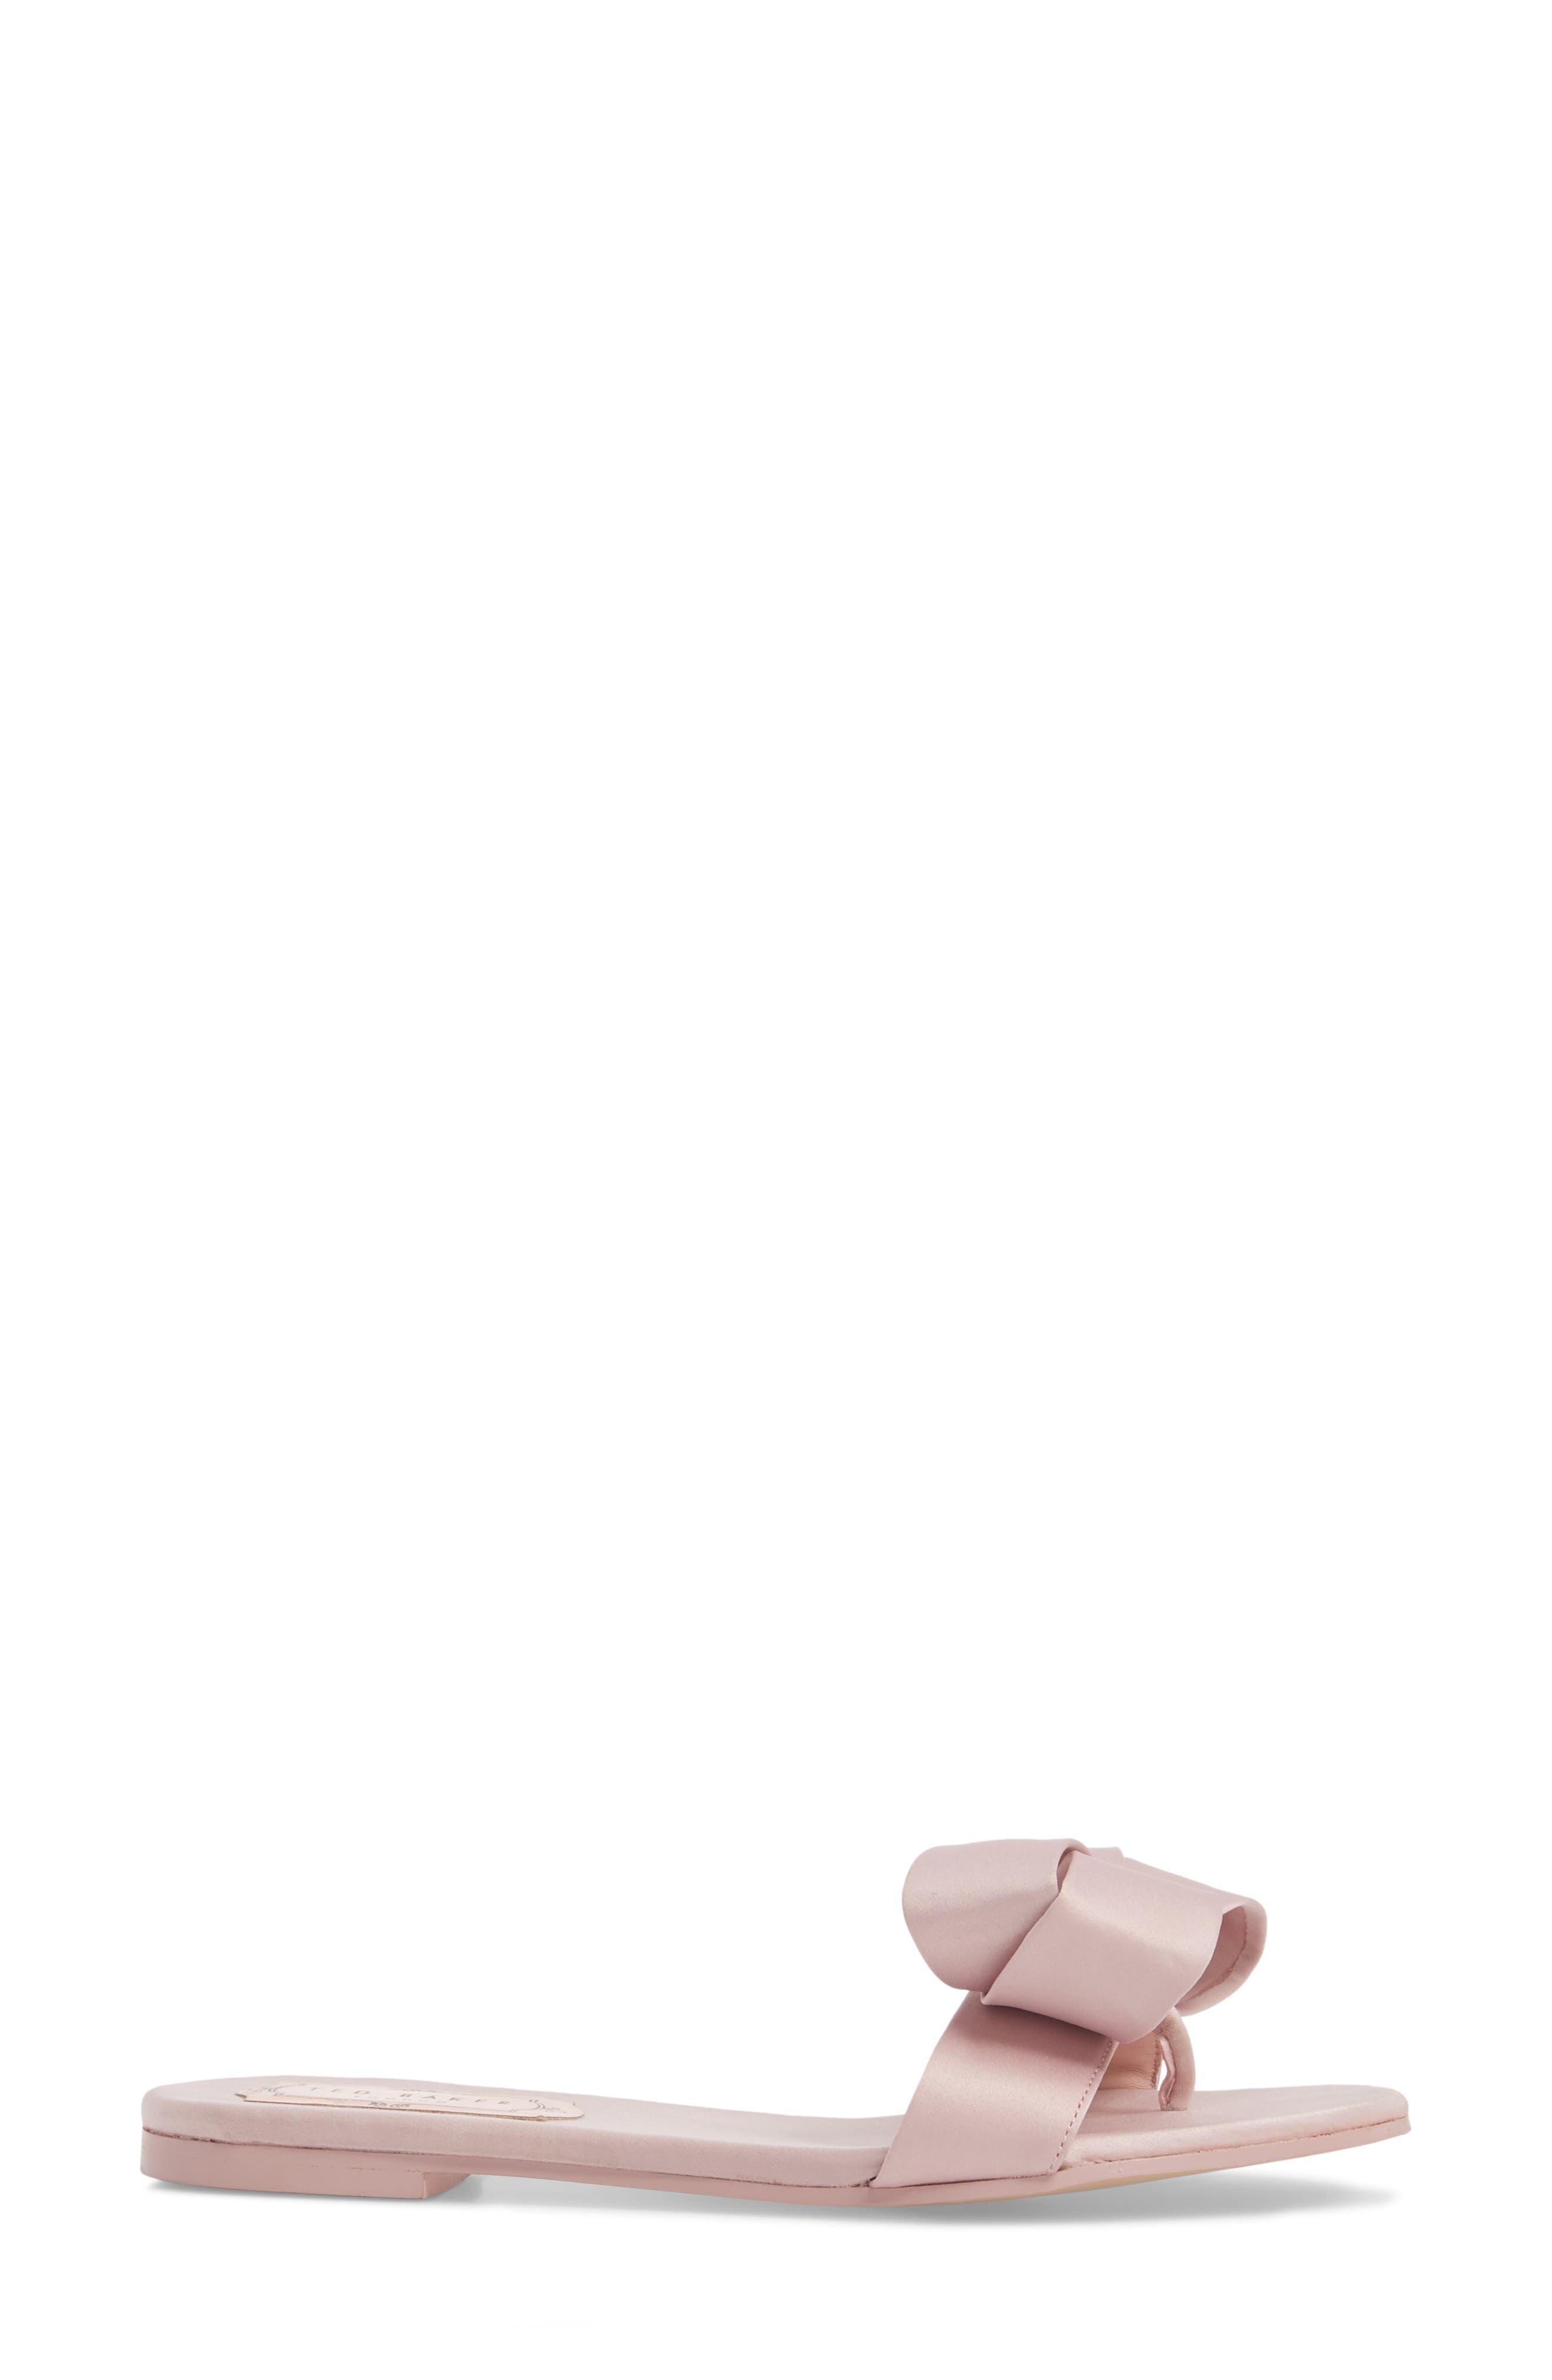 Slide Sandal,                             Alternate thumbnail 3, color,                             Light Pink Satin